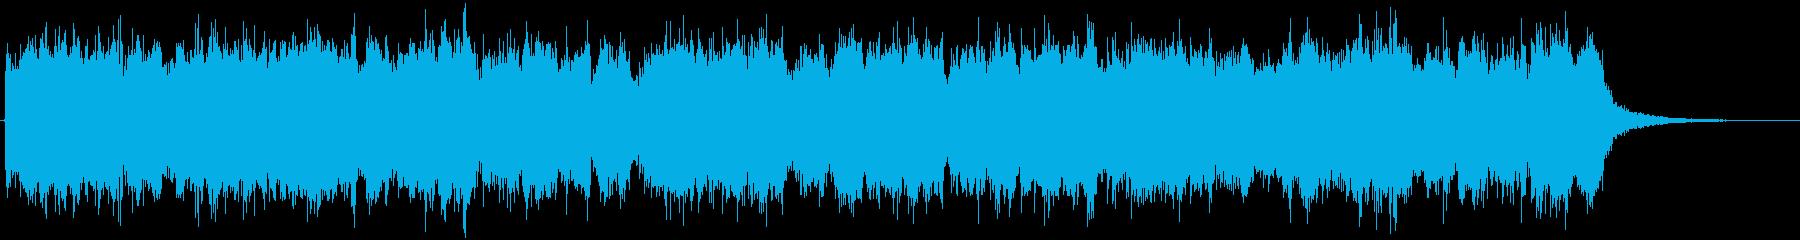 シーン1の再生済みの波形